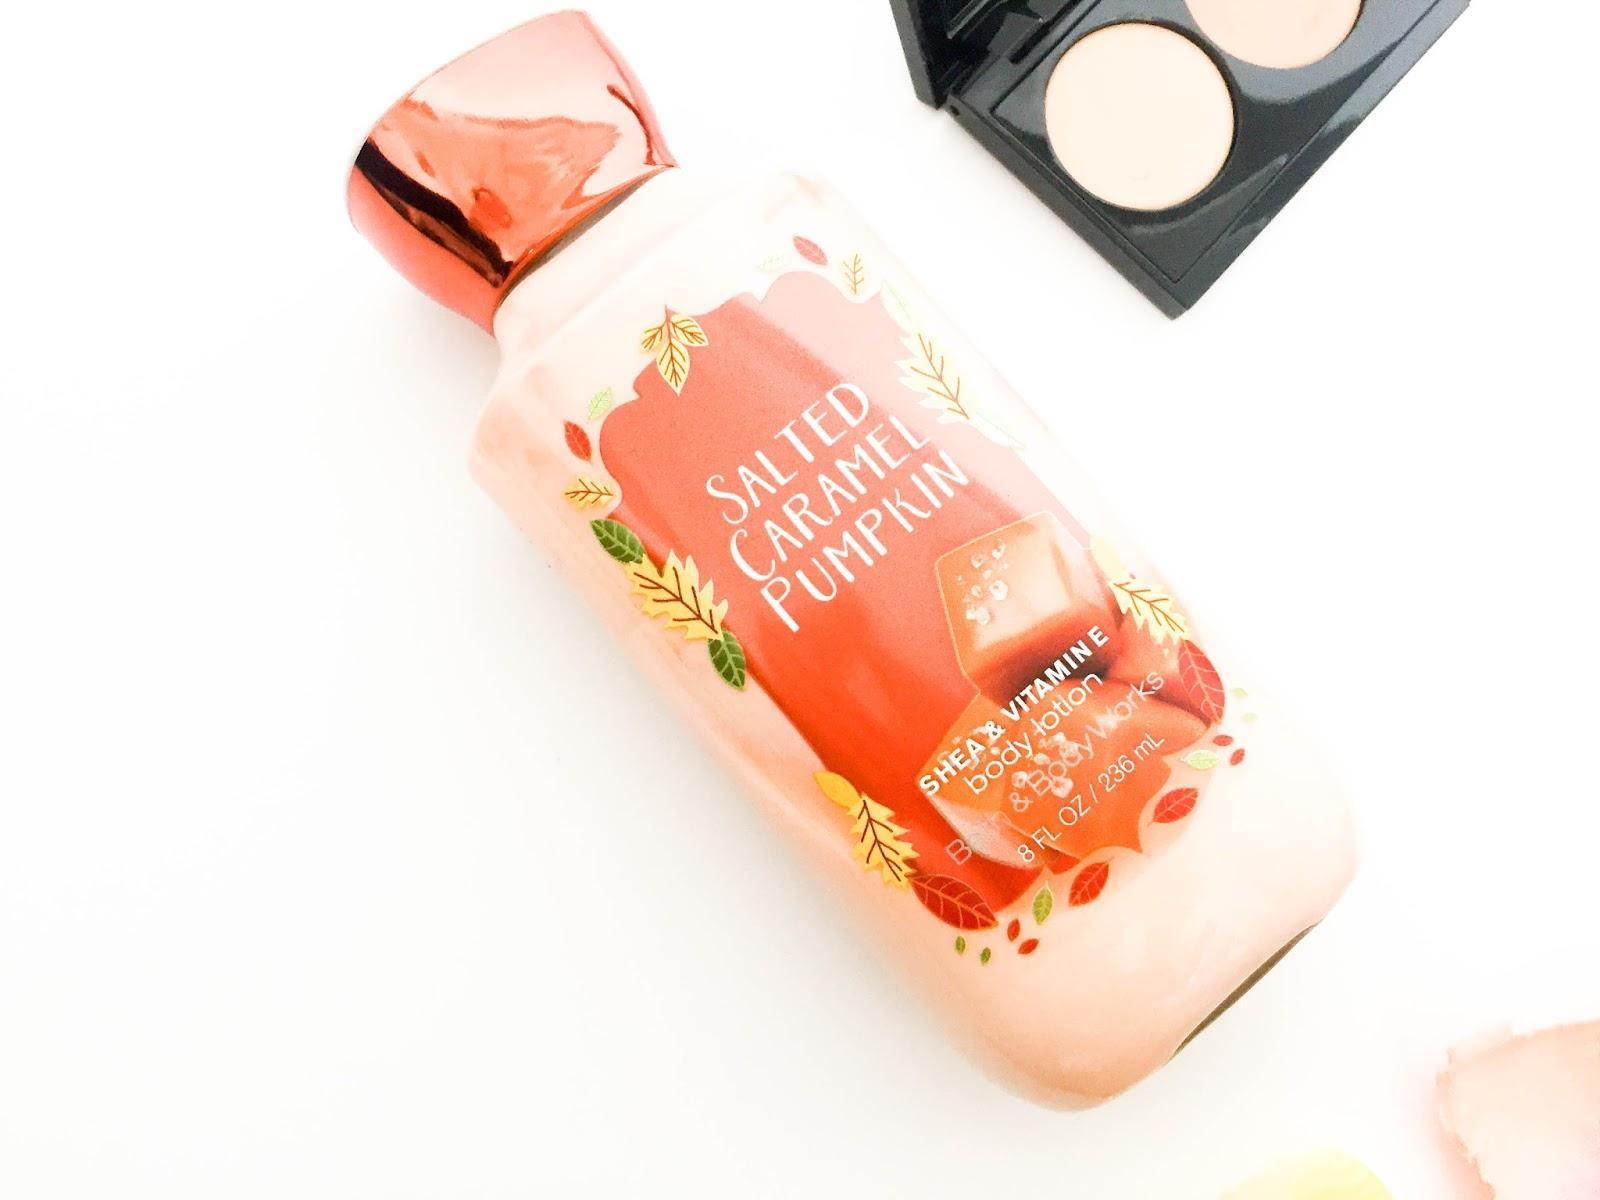 Bath & Body Works Salted Caramel Pumpkin Body Lotion